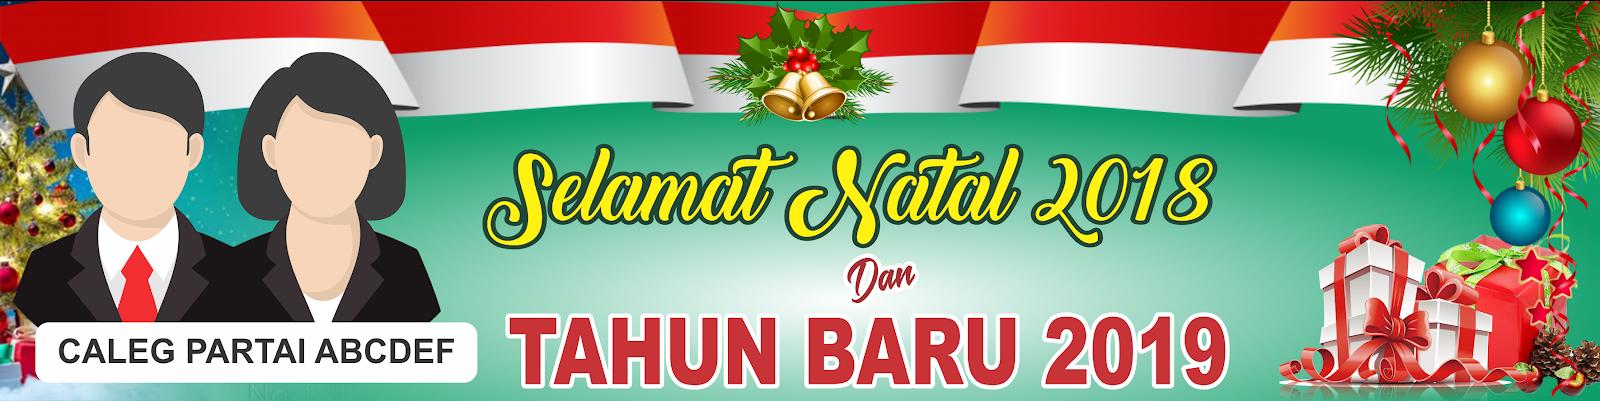 Desain Banner Selamat Natal 2018 dan Tahun Baru 2019 cdr ...